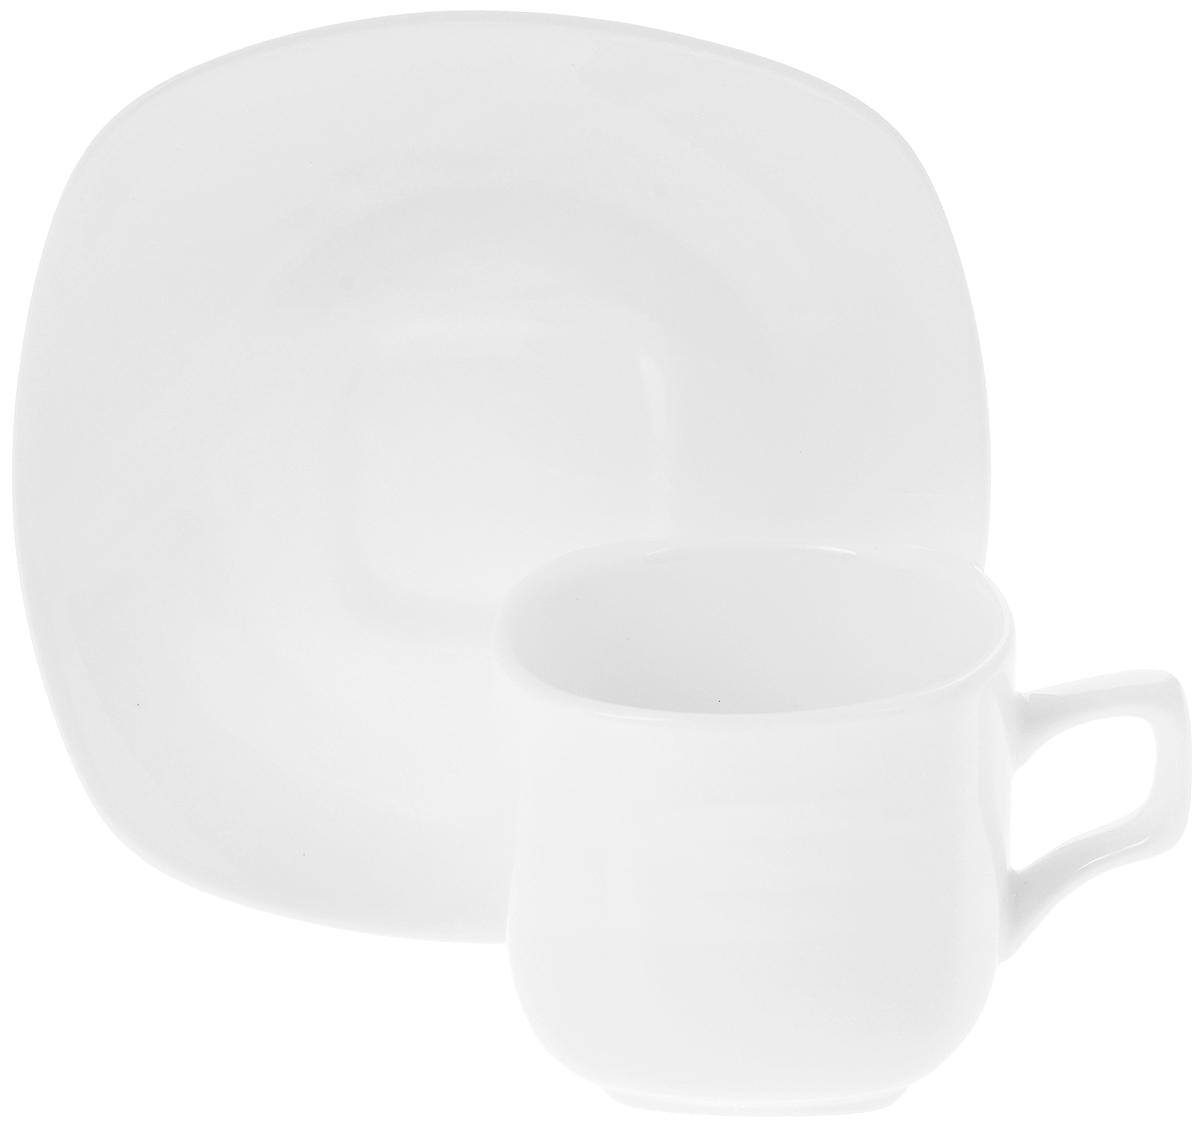 Чайная пара Wilmax, 2 предмета. WL-993003WL-993003 / ABЧайная пара Wilmax состоит из чашки и блюдца, выполненных из высококачественного фарфора и оформленных в классическом стиле. Оригинальный дизайн обязательно придется вам по вкусу. Чайная пара Wilmax украсит ваш кухонный стол, а также станет замечательным подарком к любому празднику. Объем чашки: 200 мл. Диаметр чашки (по верхнему краю): 7,5 см. Диаметр основания чашки: 4,5 см. Высота чашки: 7 см. Диаметр блюдца: 15 см.